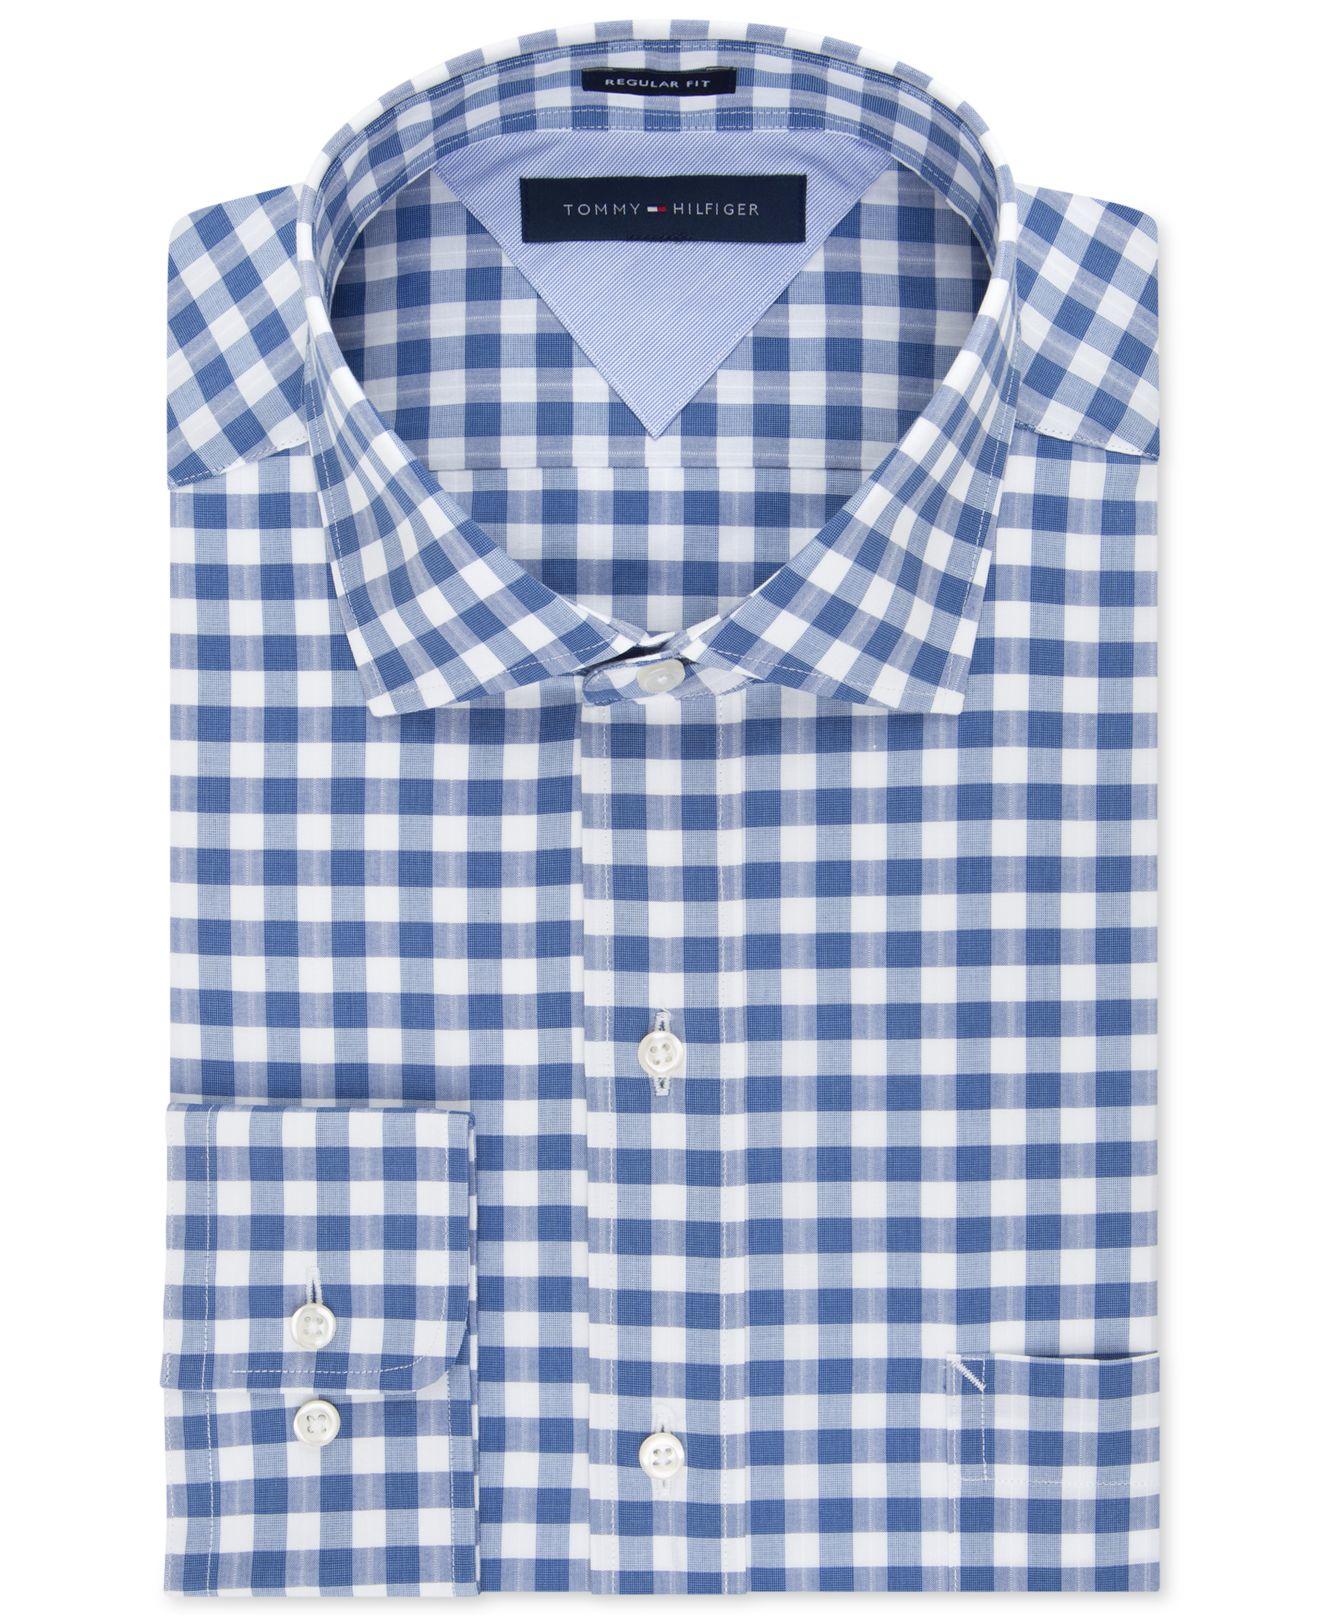 1663f3683 Tommy Hilfiger Easy Care Indigo Gingham Dress Shirt in Blue for Men ...